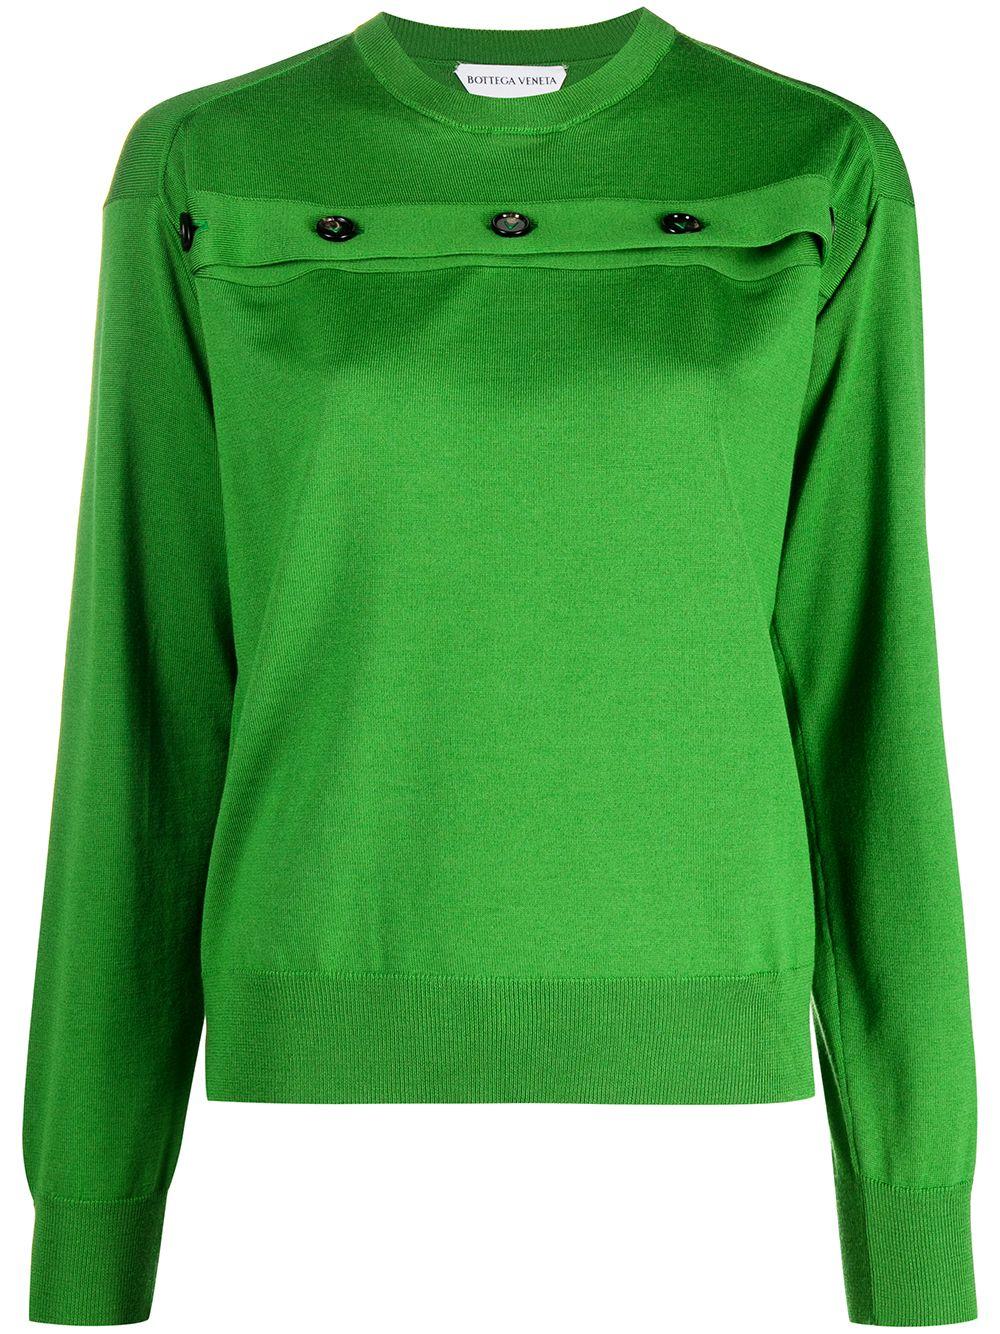 Bottega Veneta Pullover mit Knöpfen - Grün